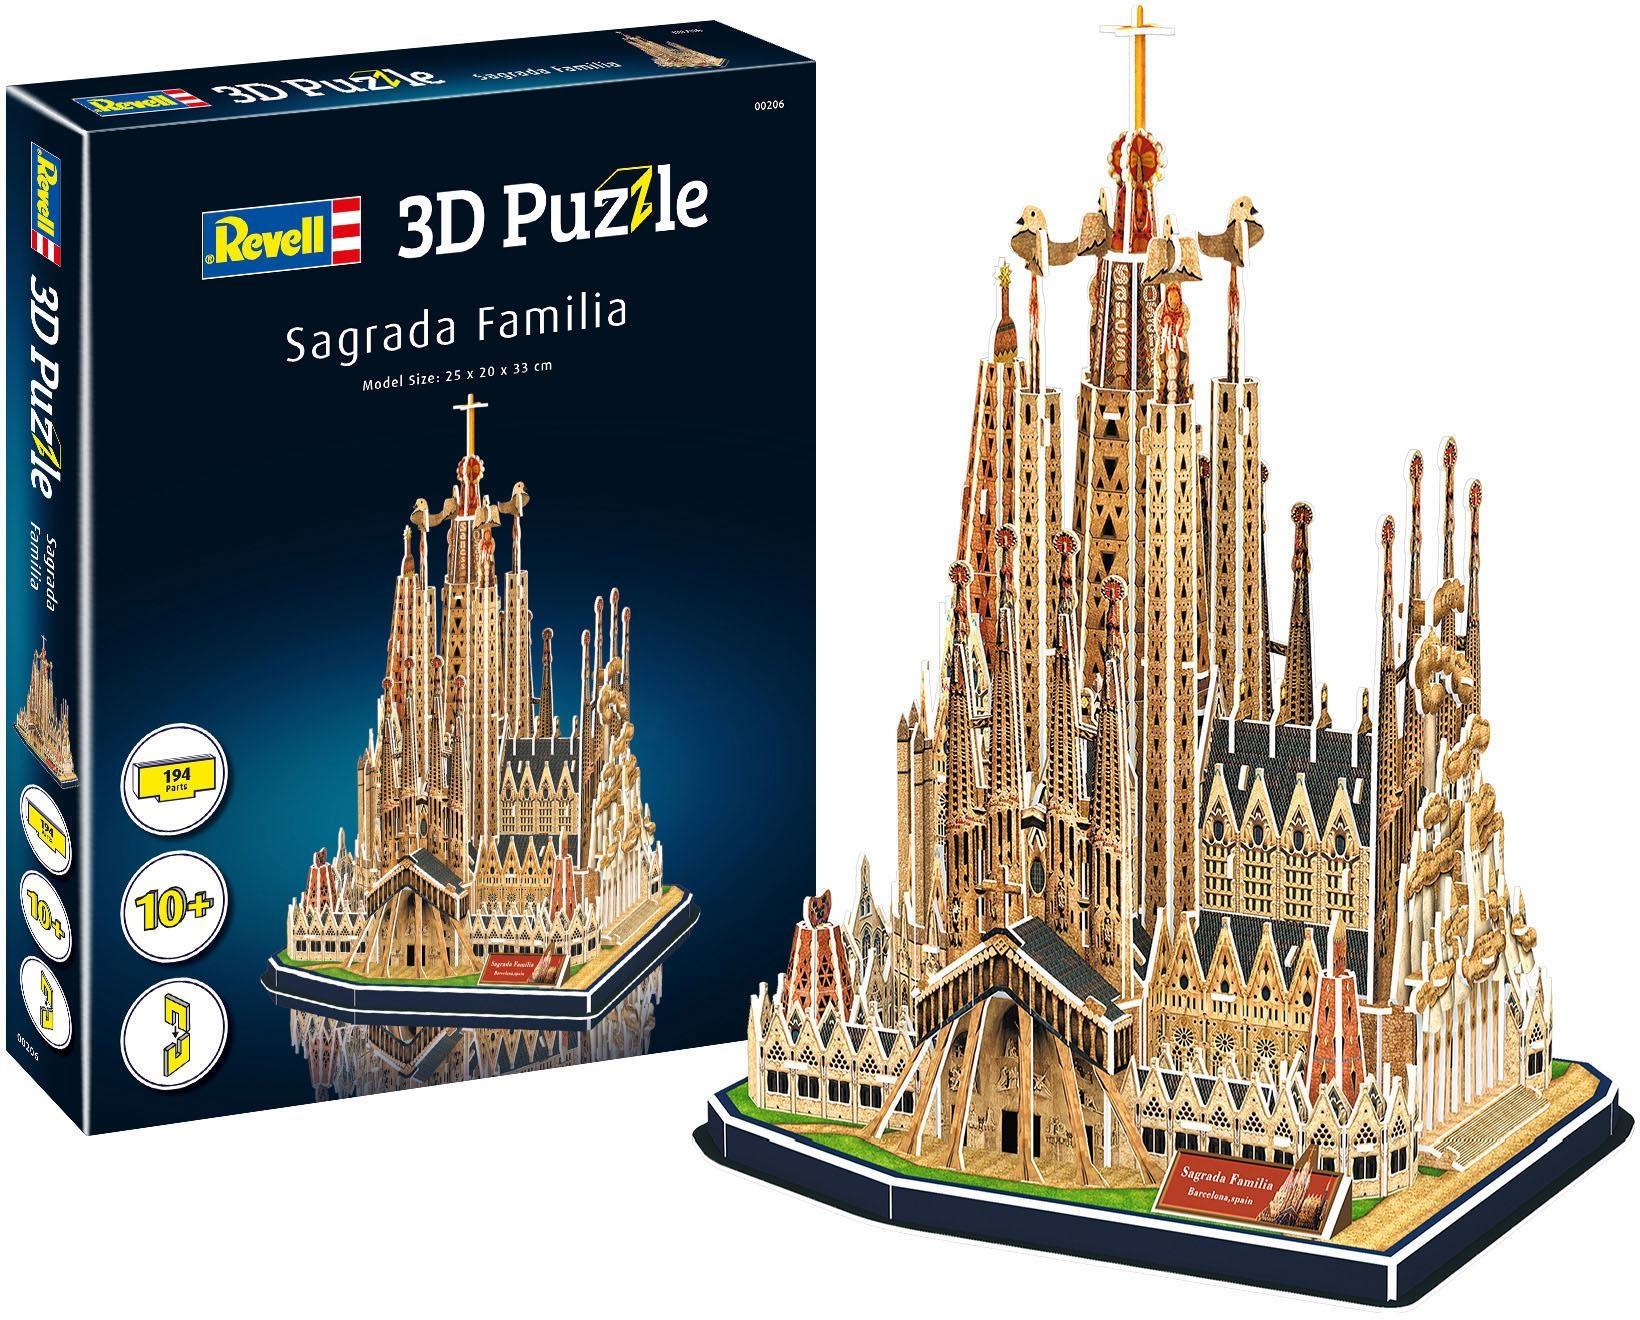 Revell 3D-Puzzle Sagrada Familia bunt Kinder Ab 9-11 Jahren Altersempfehlung Puzzles